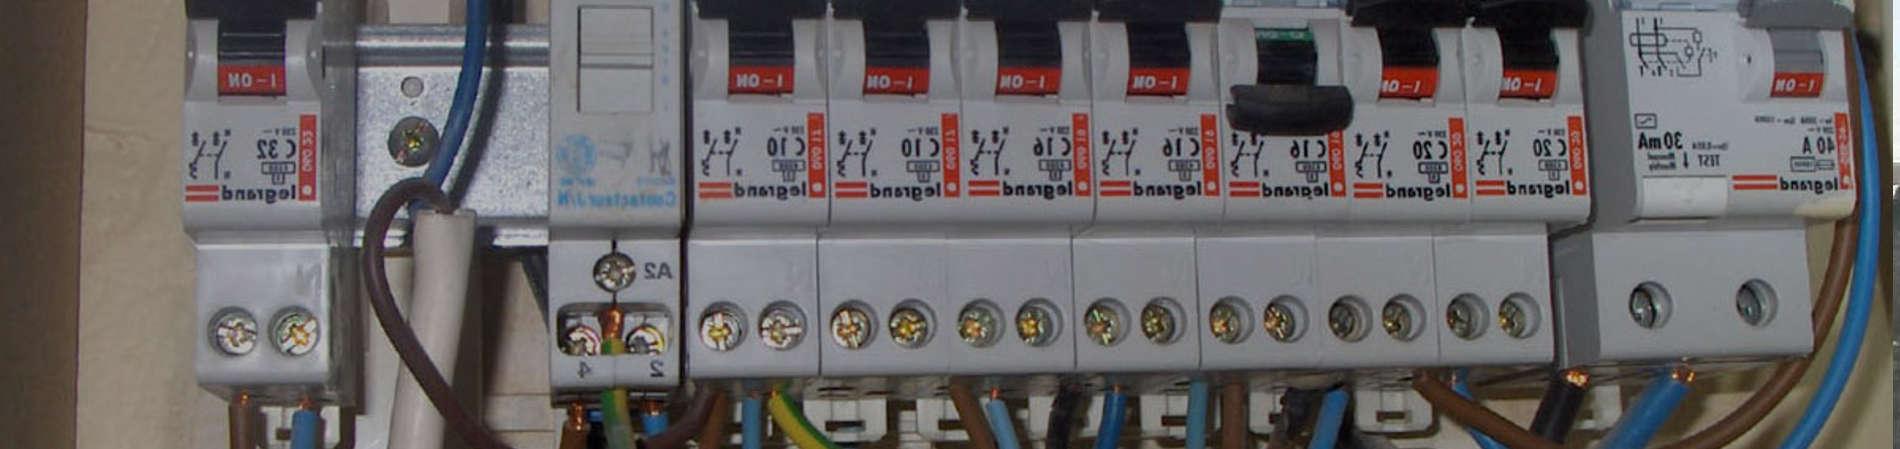 10 Migliori Elettricisti Prezzi Cronoshare